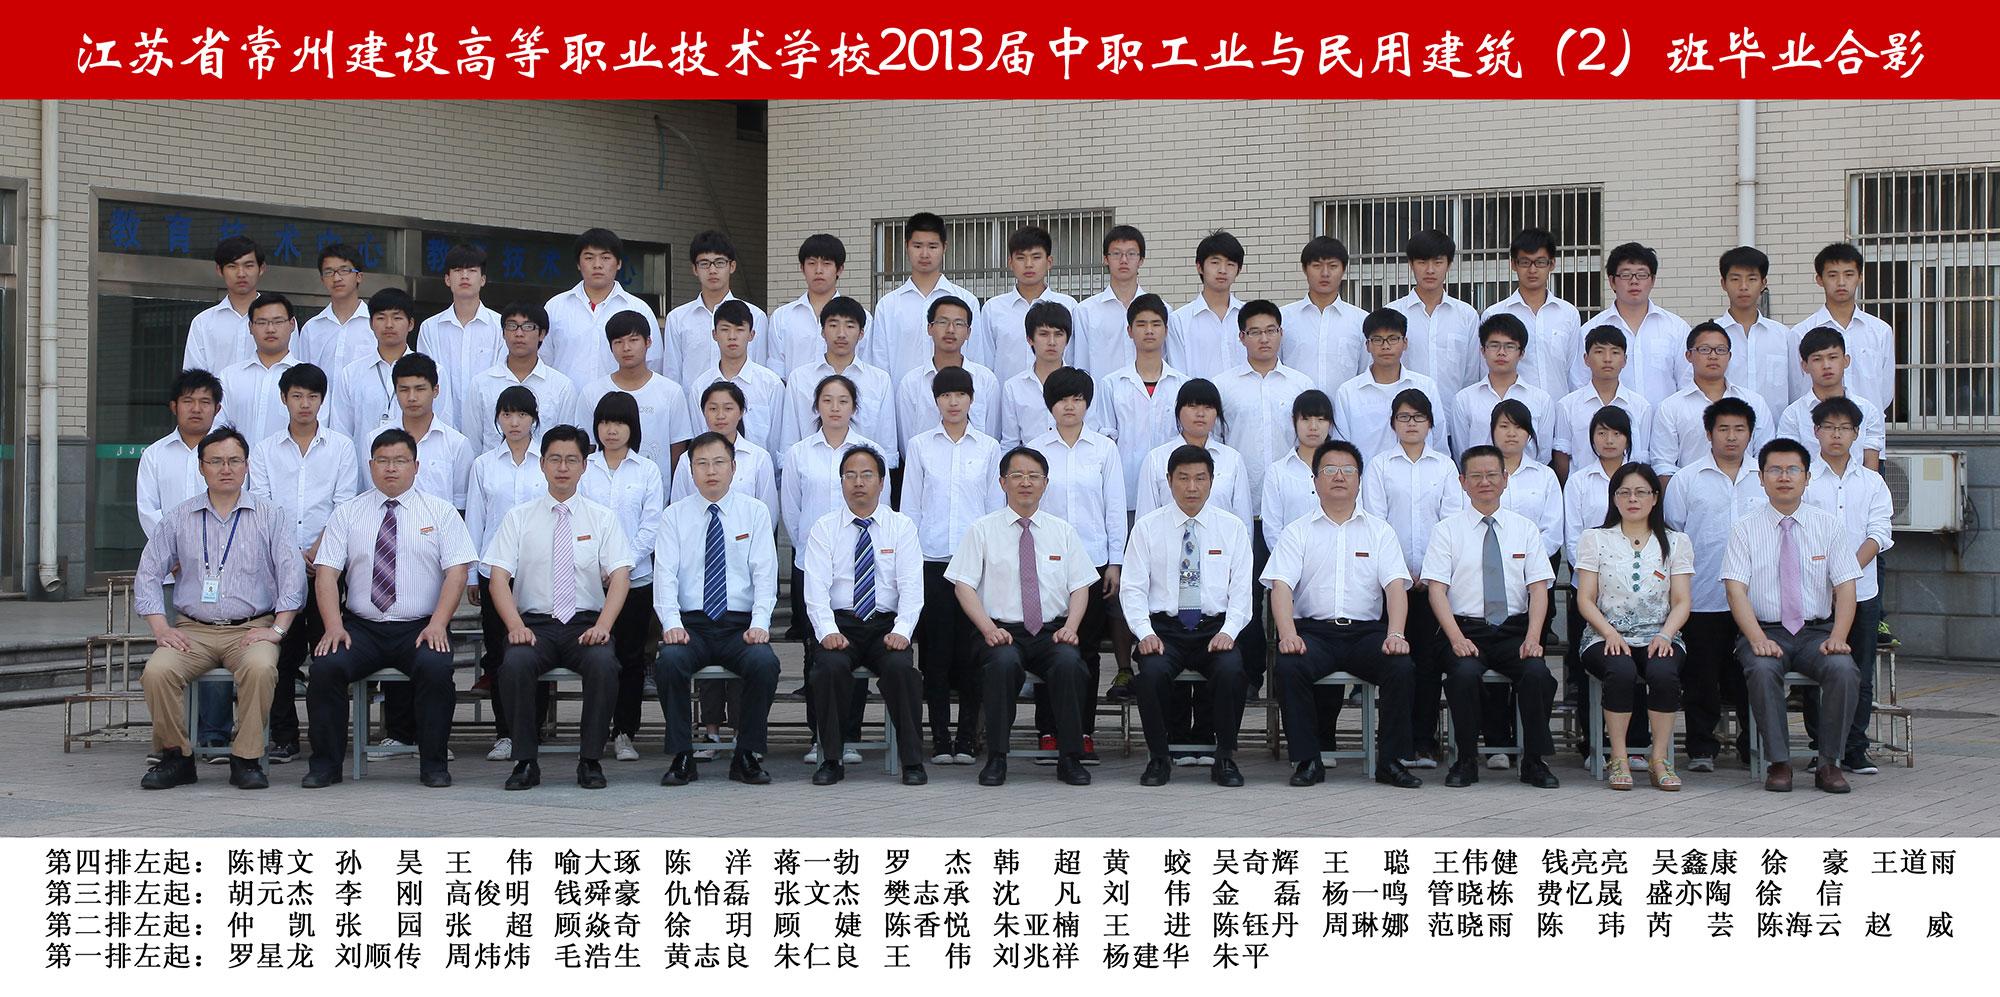 2013届中职工业与民用建筑(2)班...